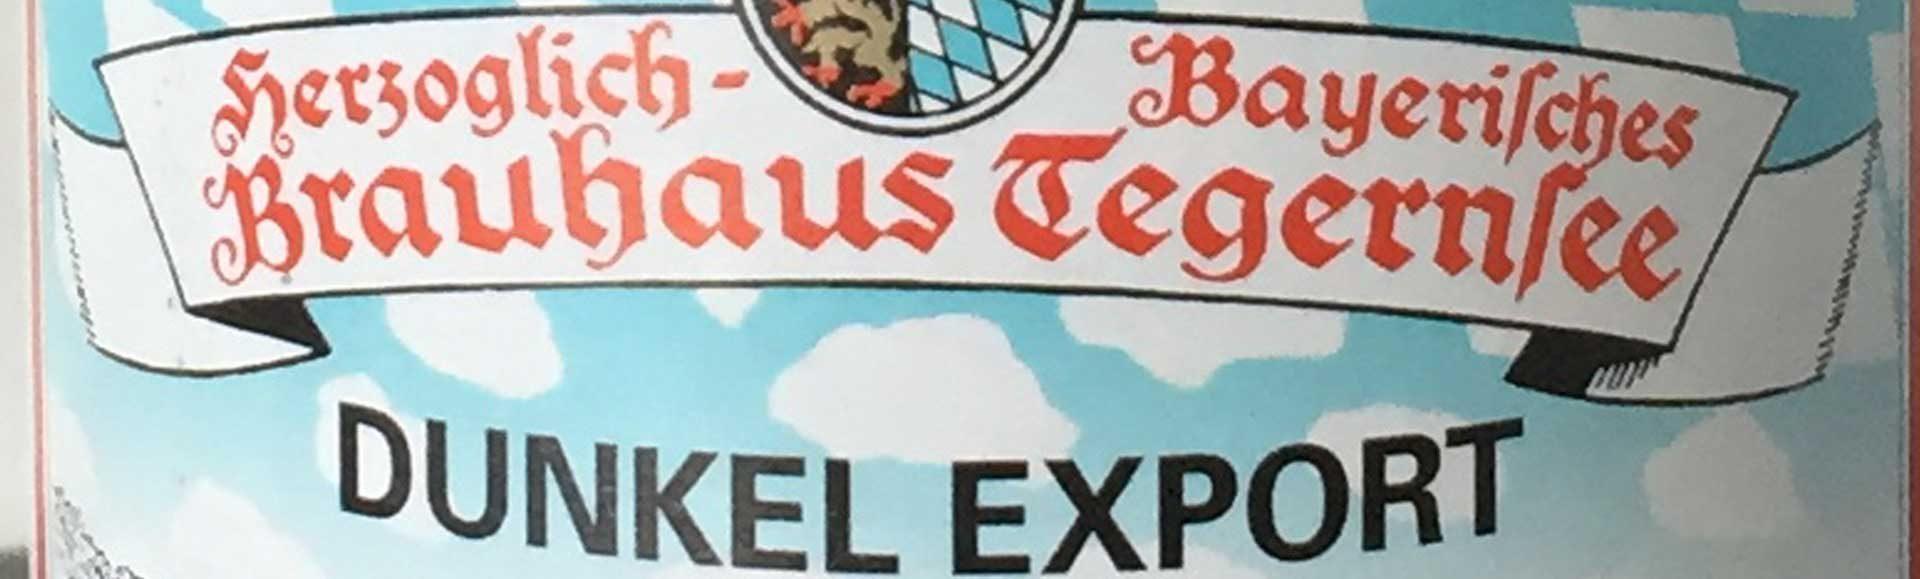 Dunkel Export fra Herzogliches Bräustüberl Tegernsee